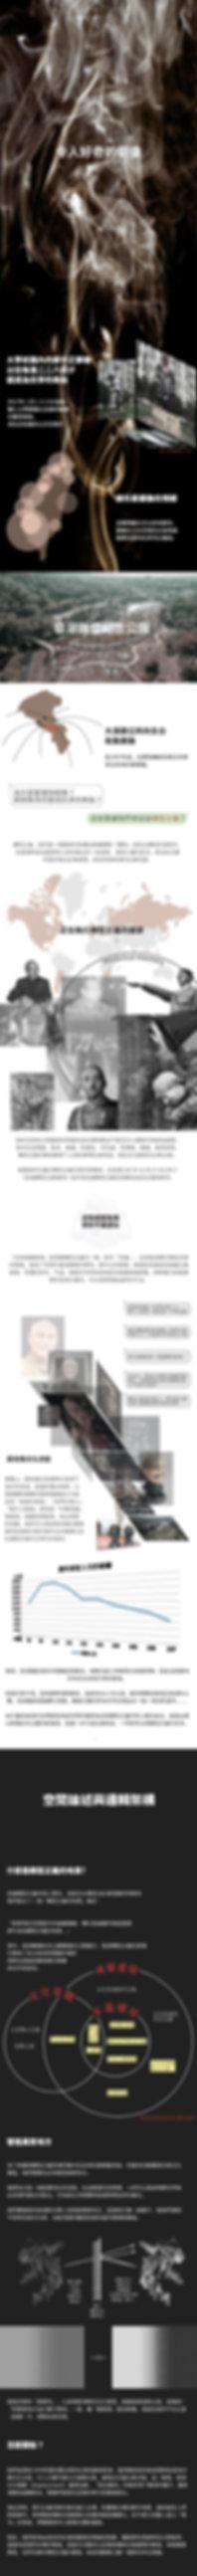 錯置的肖像-慈湖的轉型正義地景實踐-作品內容1.jpg